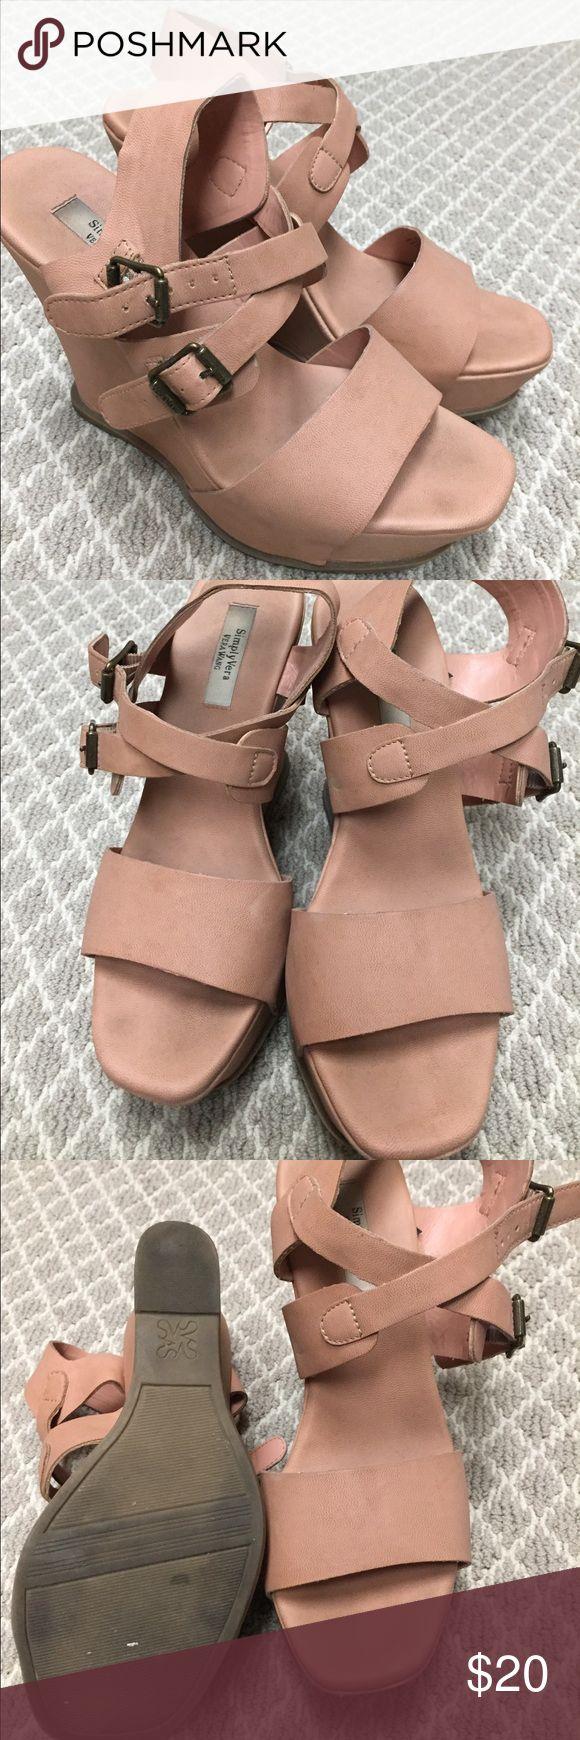 Simply Vera Vera Wang platform wedge. Size 8 Simply Vera Vera Wang platform wedge. Size 8. Make me an offer Vera Wang Shoes Wedges